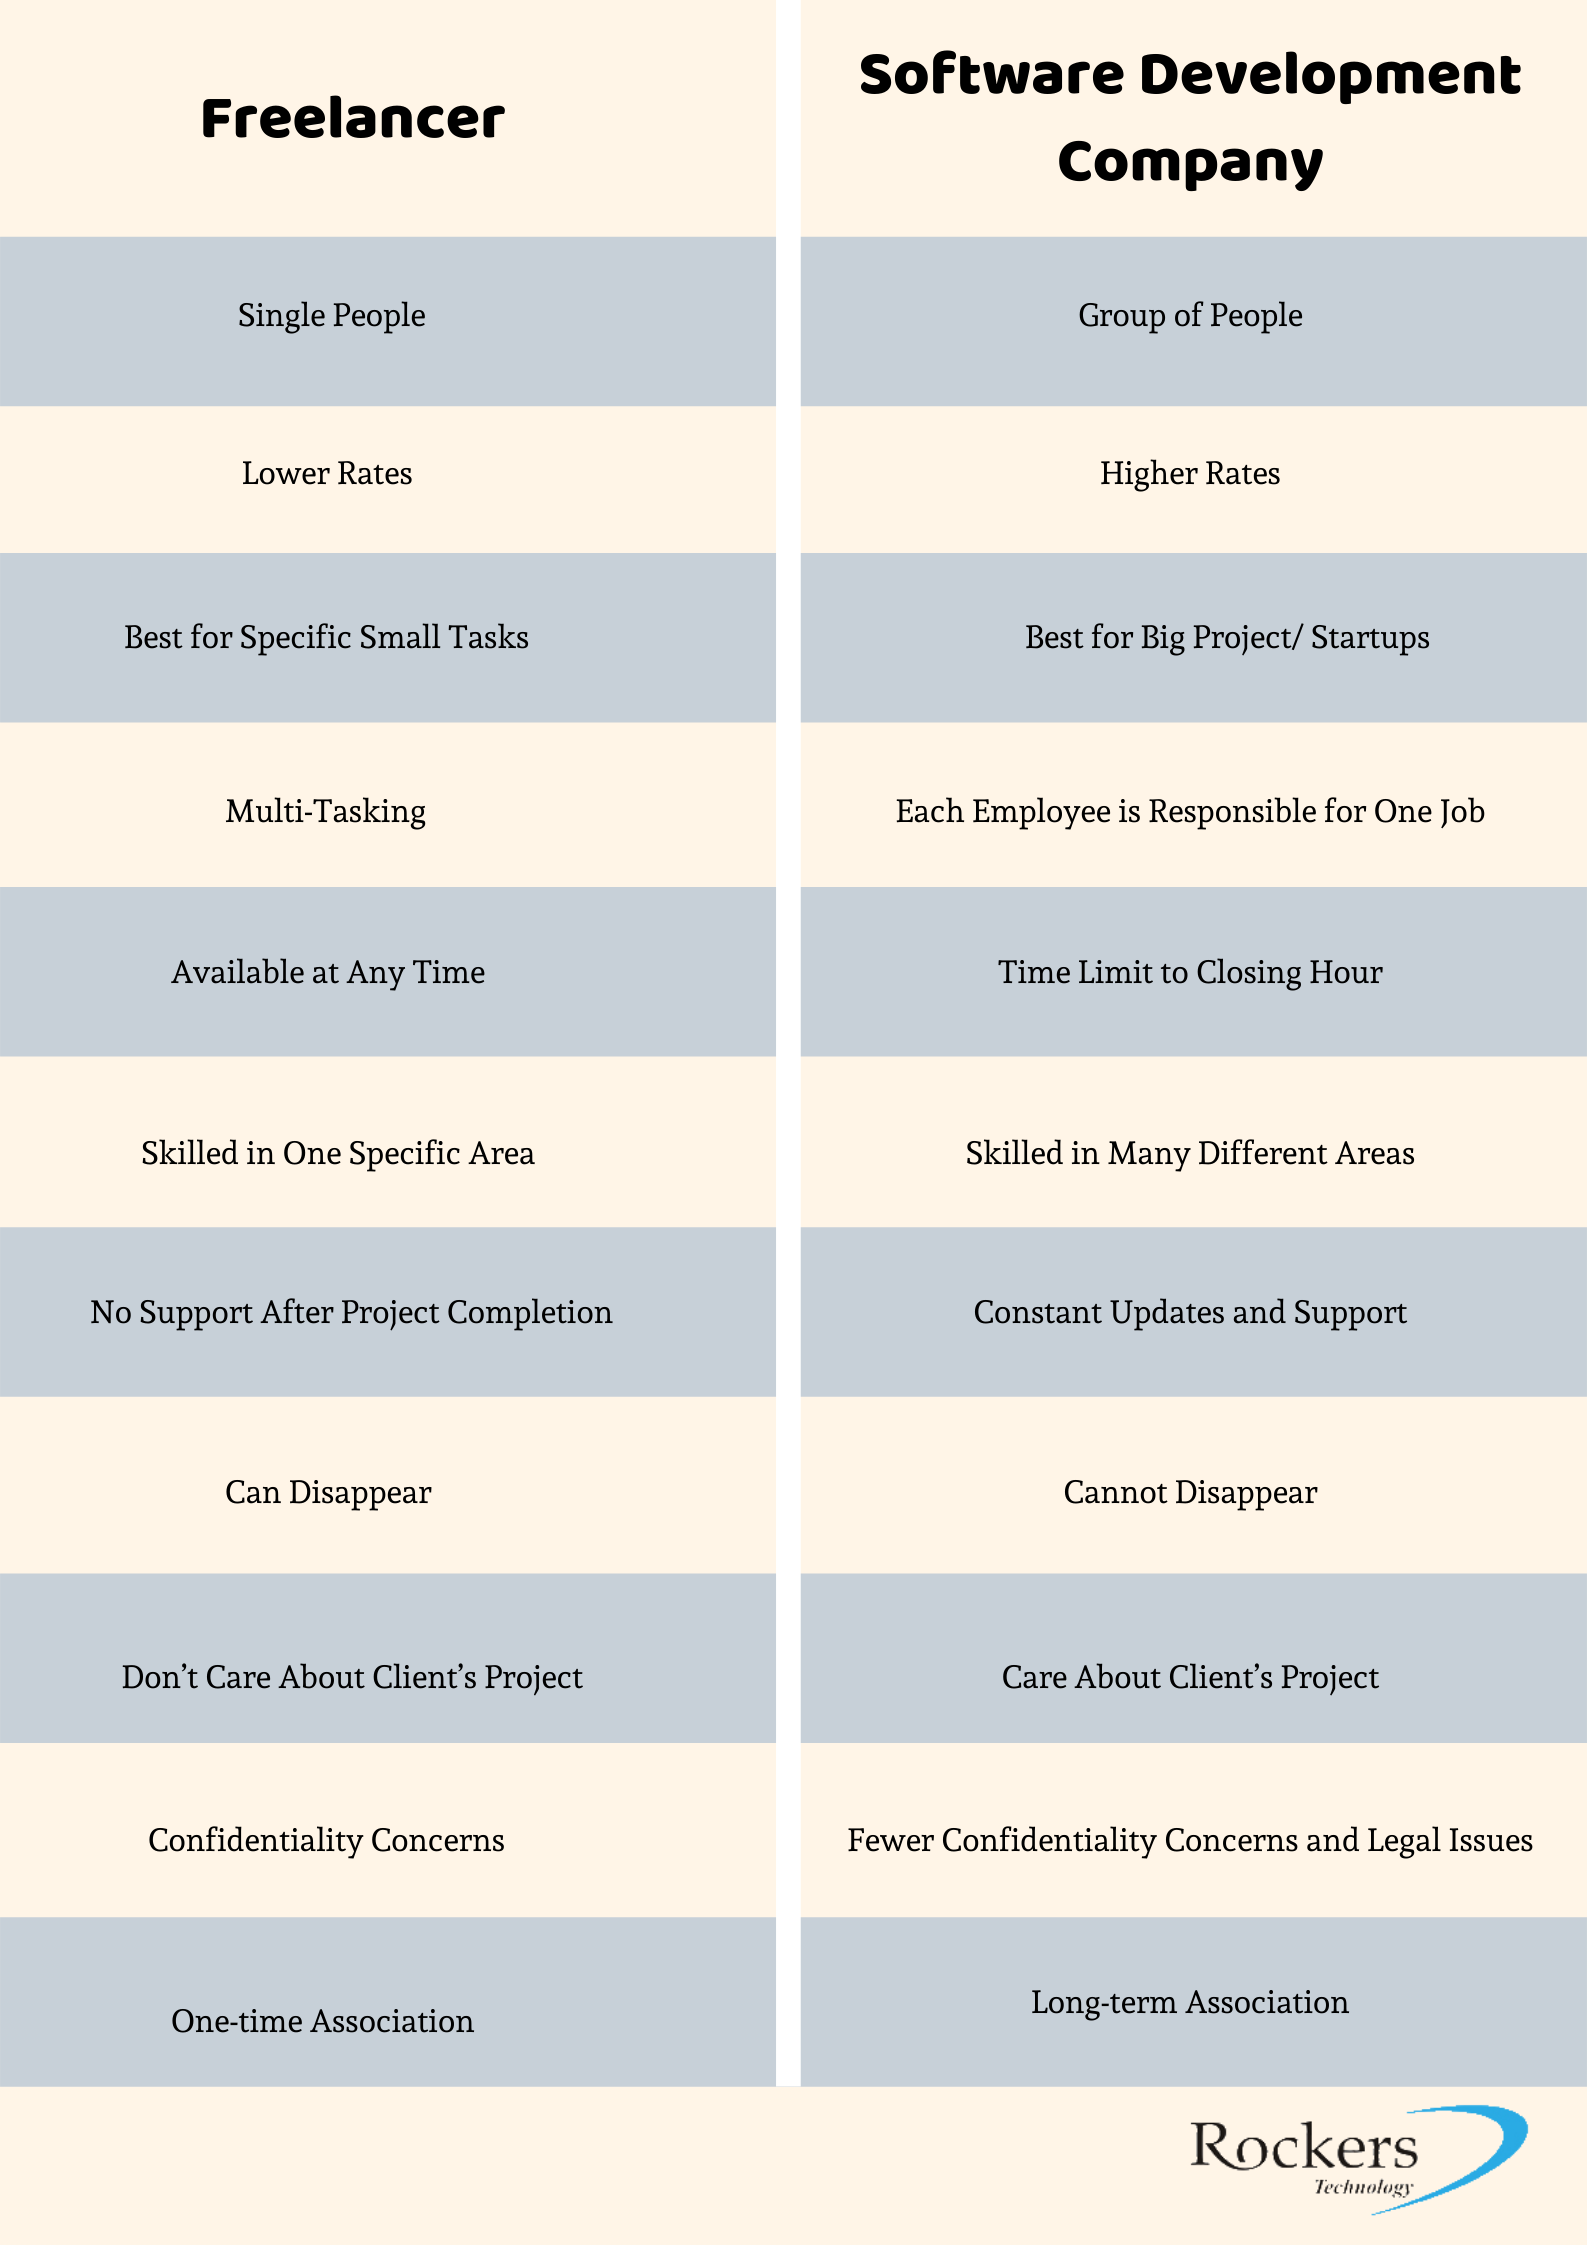 Freelancer vs Software Development